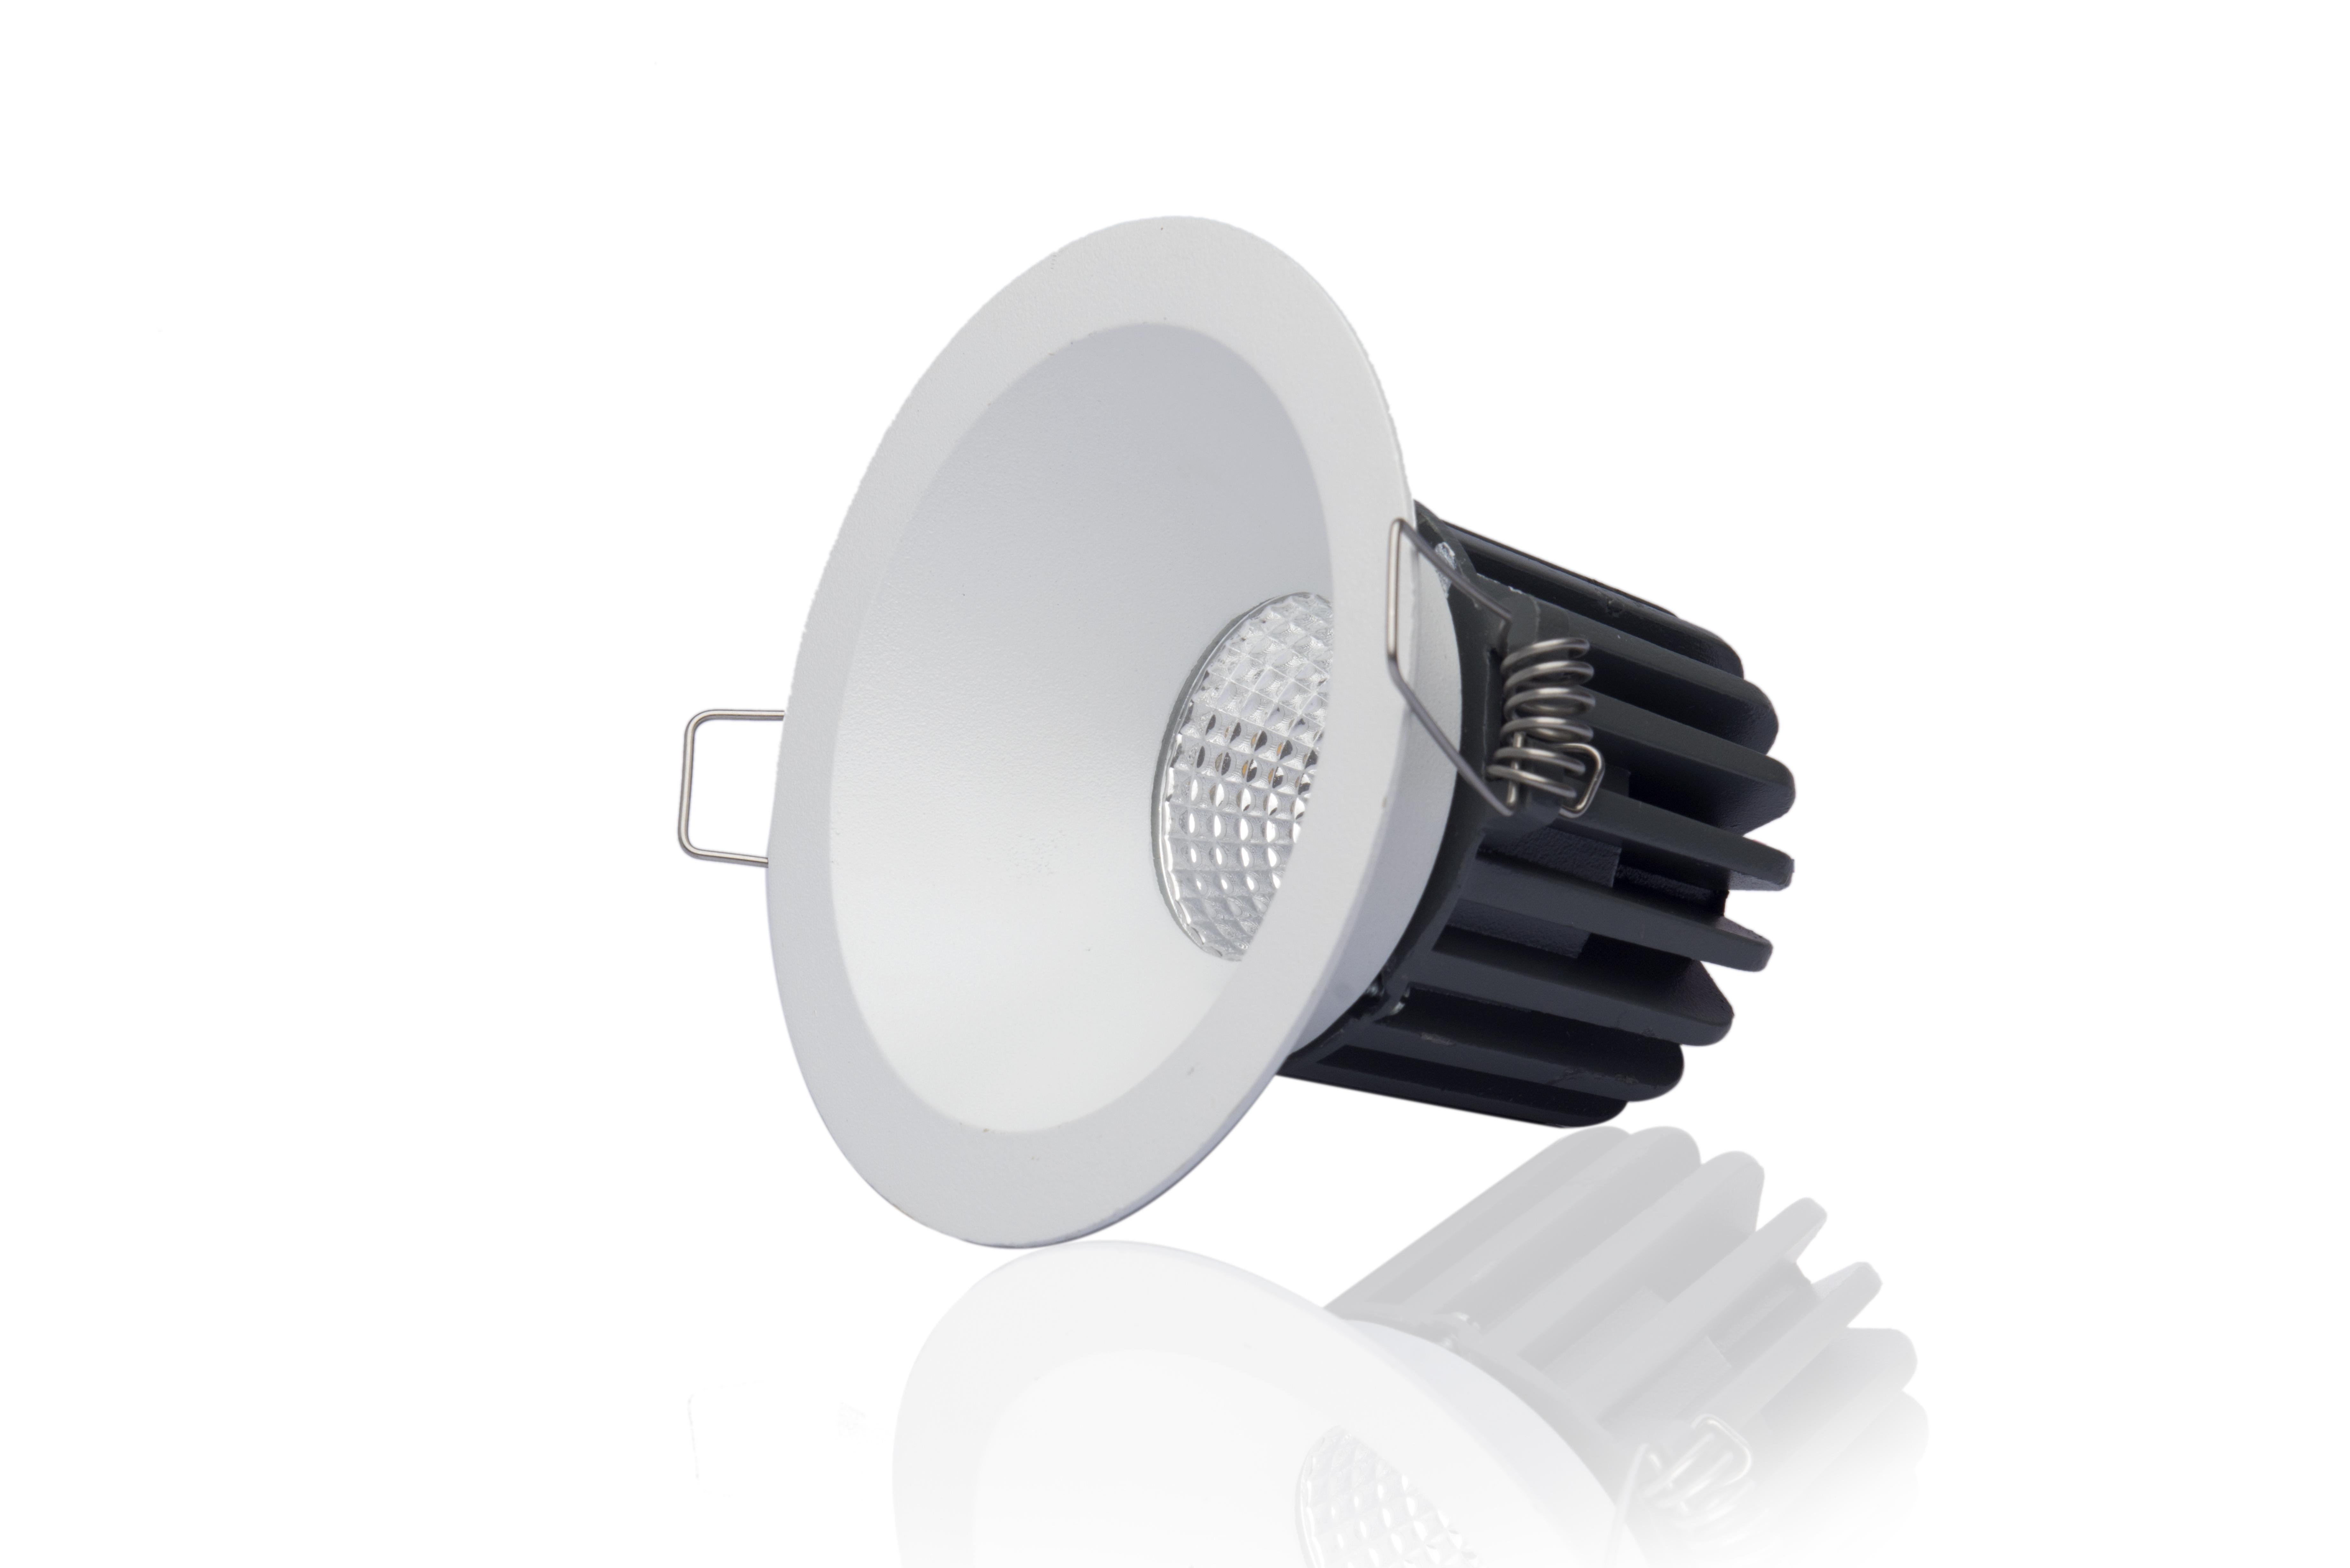 LED Delta Cob Spot Light